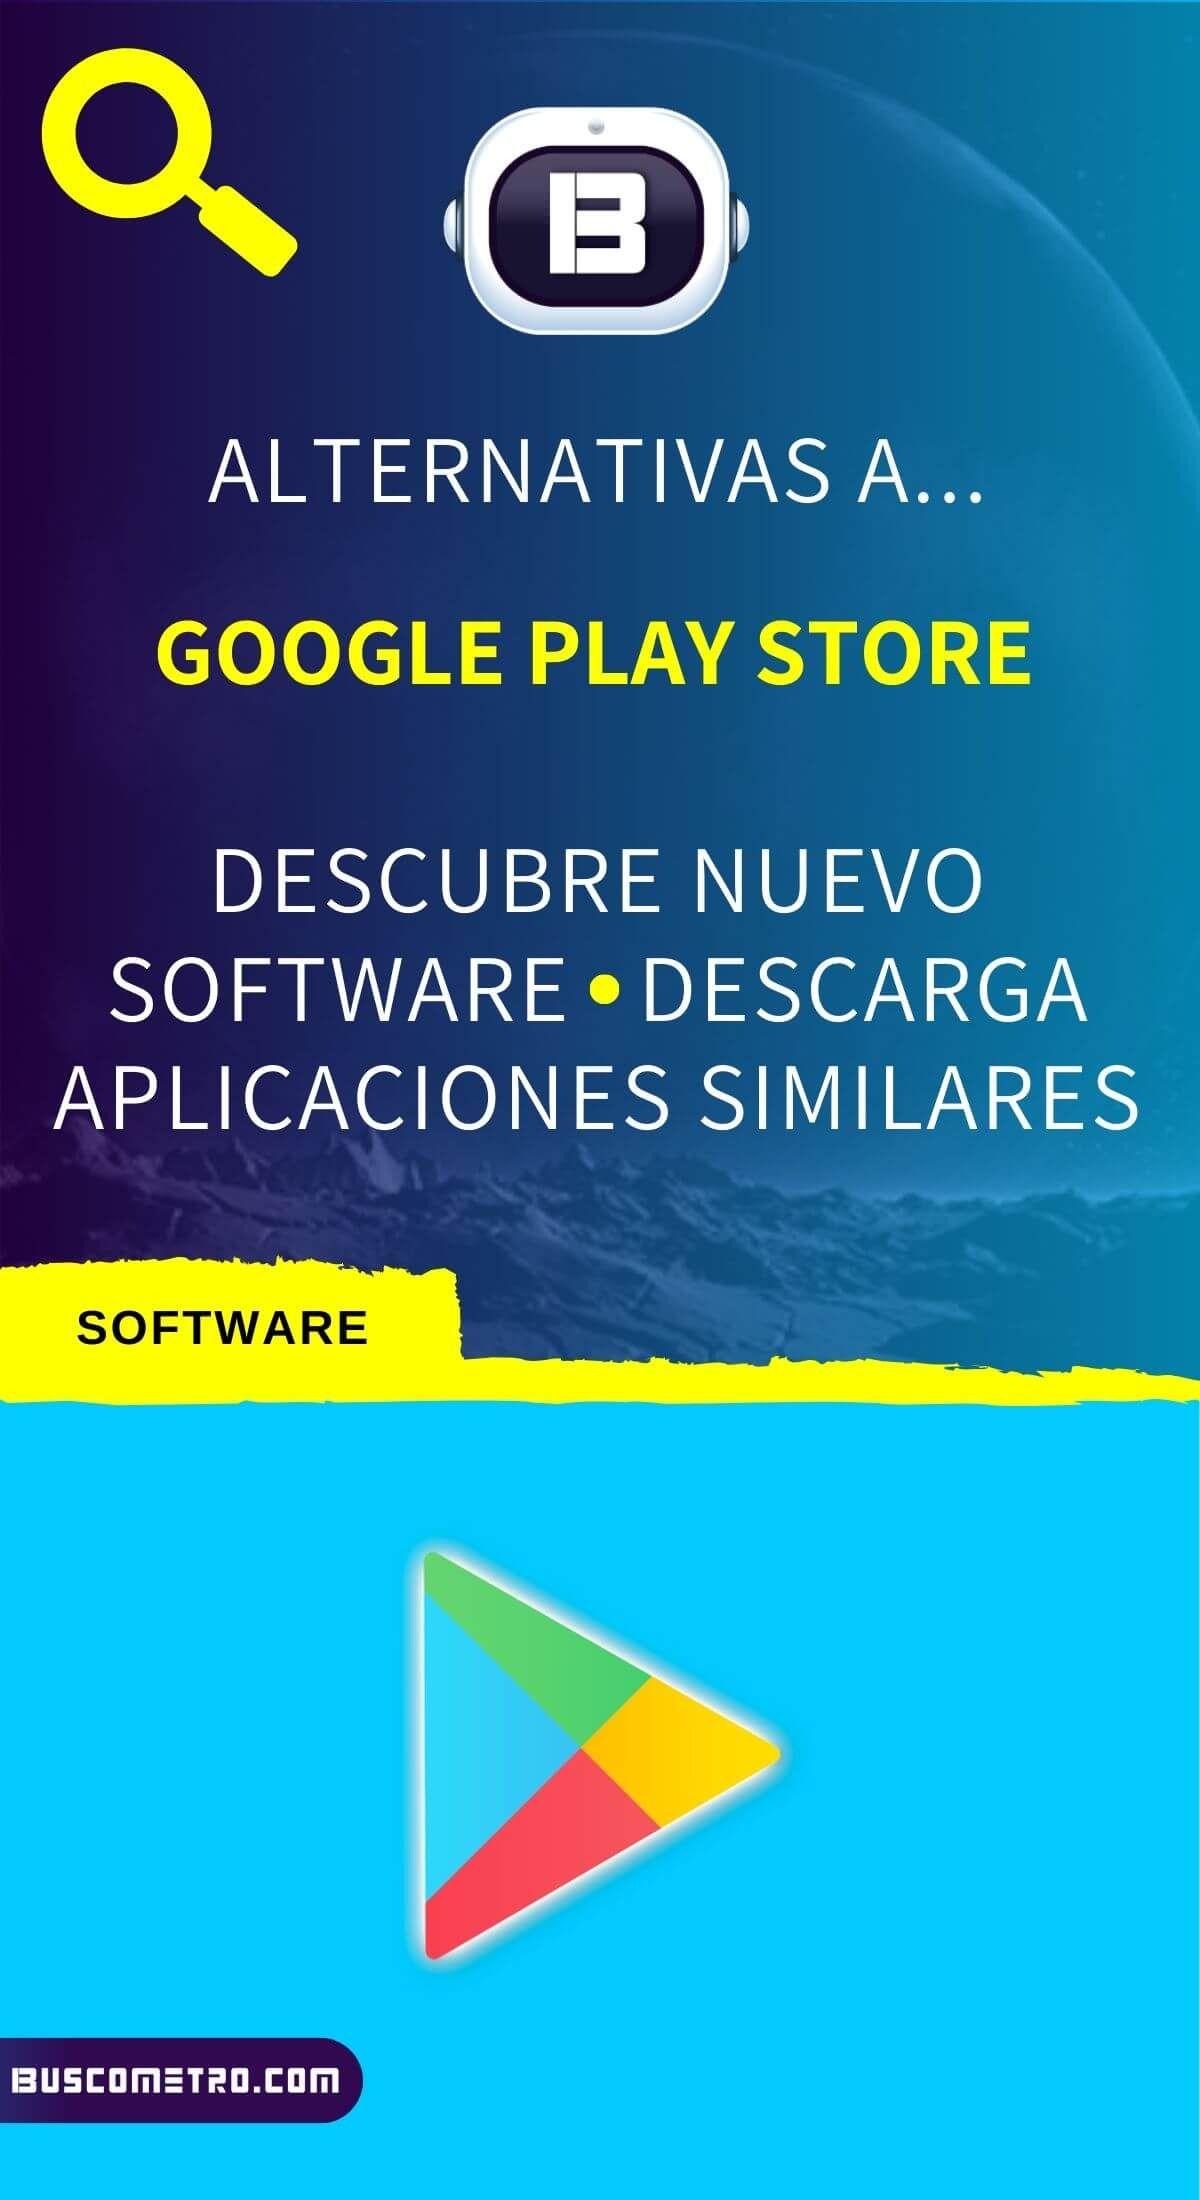 Como Poner Subtitulos A Popcorn Time Alternativas A Google Play Store Descargar Aplicaciones Similares Google Play Google Telefono Inteligente